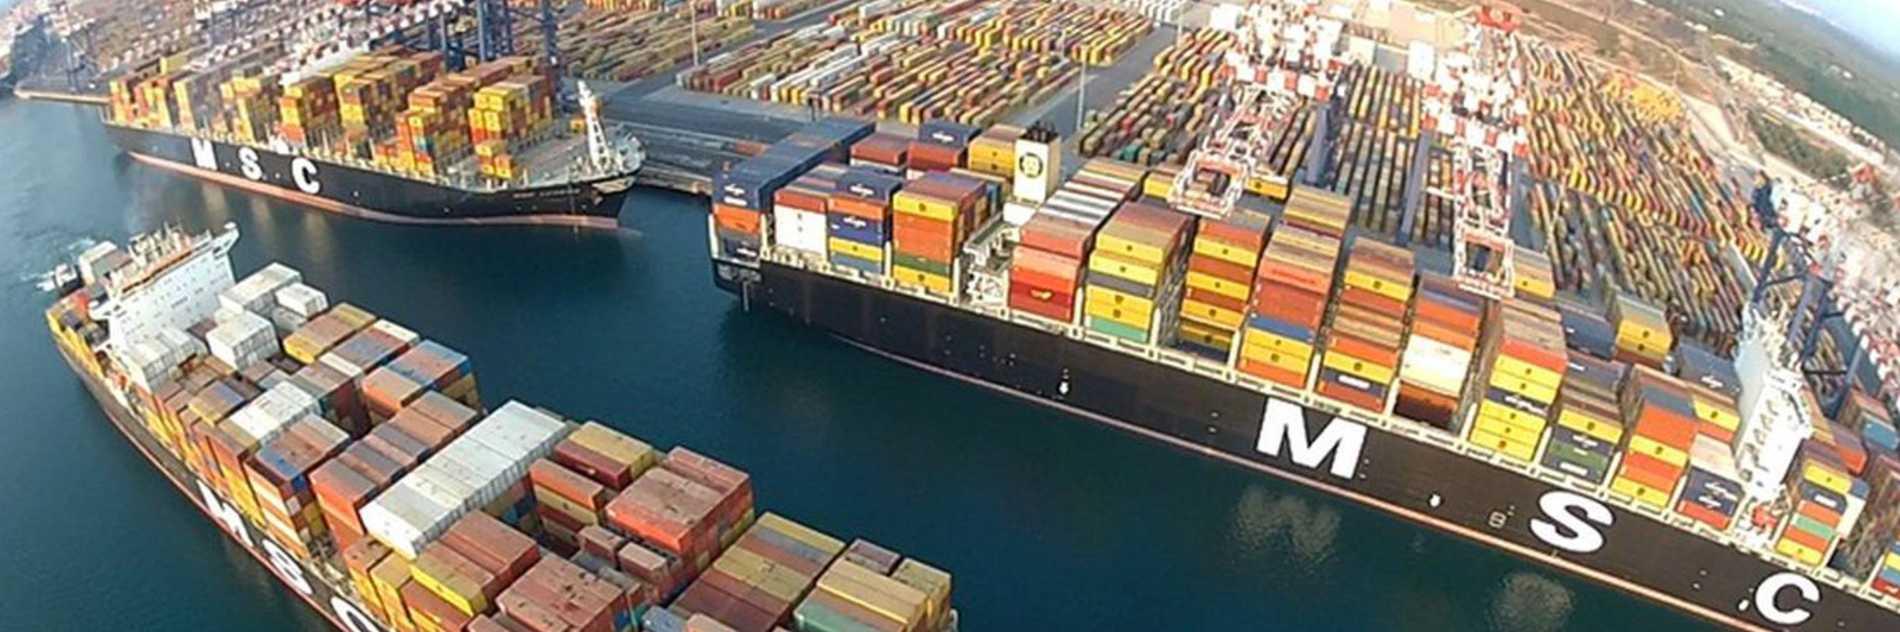 trasporti marittimi